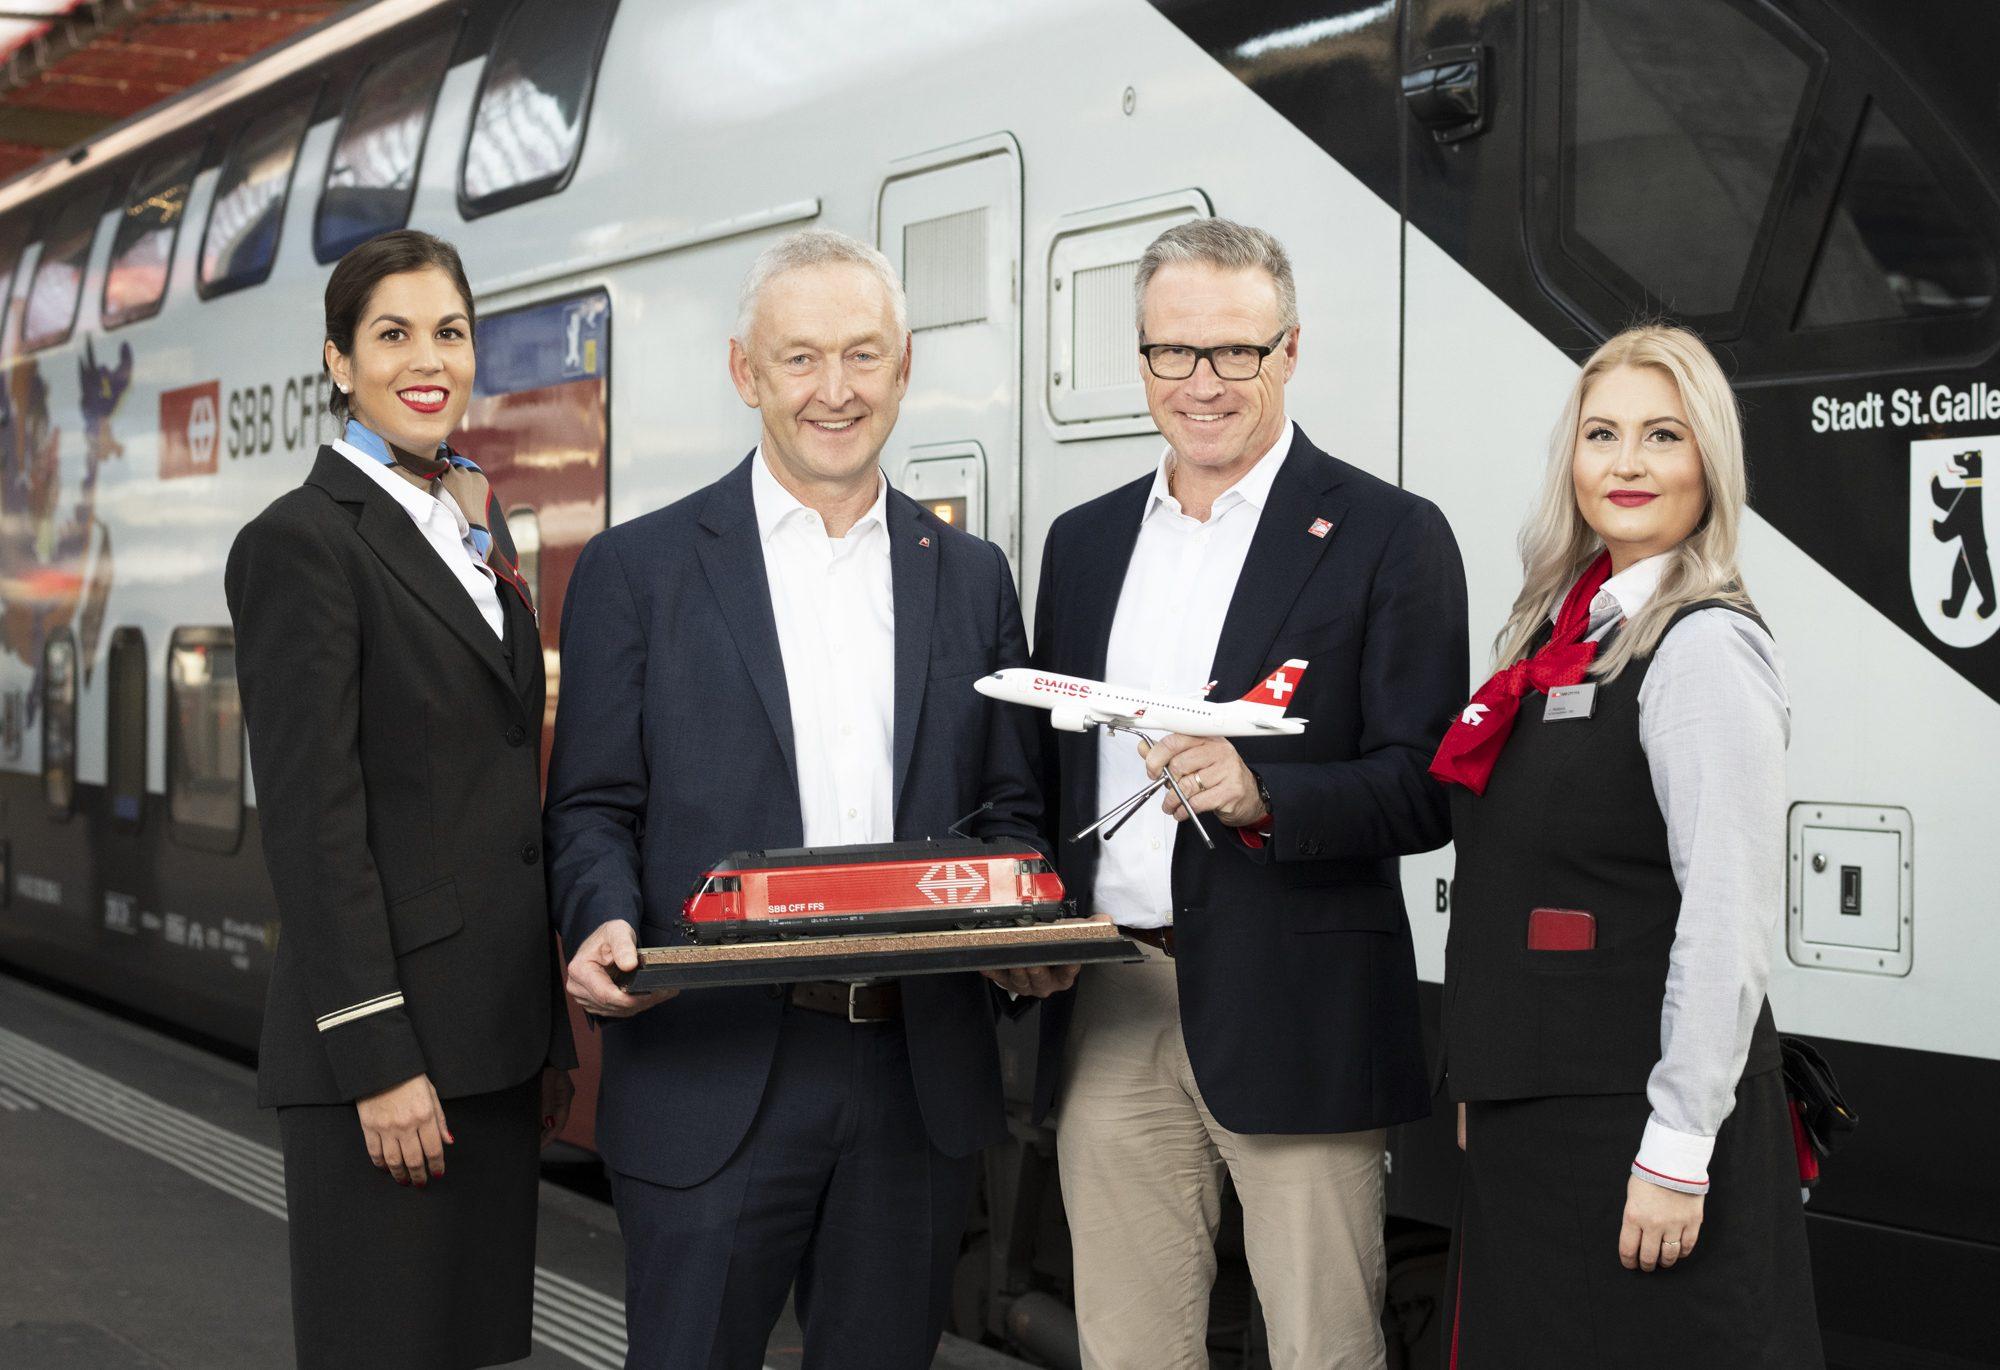 SWISS og Swiss Federal Railways (SBB) udvider samarbejdet omkring flytoget i Schweiz. Foto: SWISS/SBB